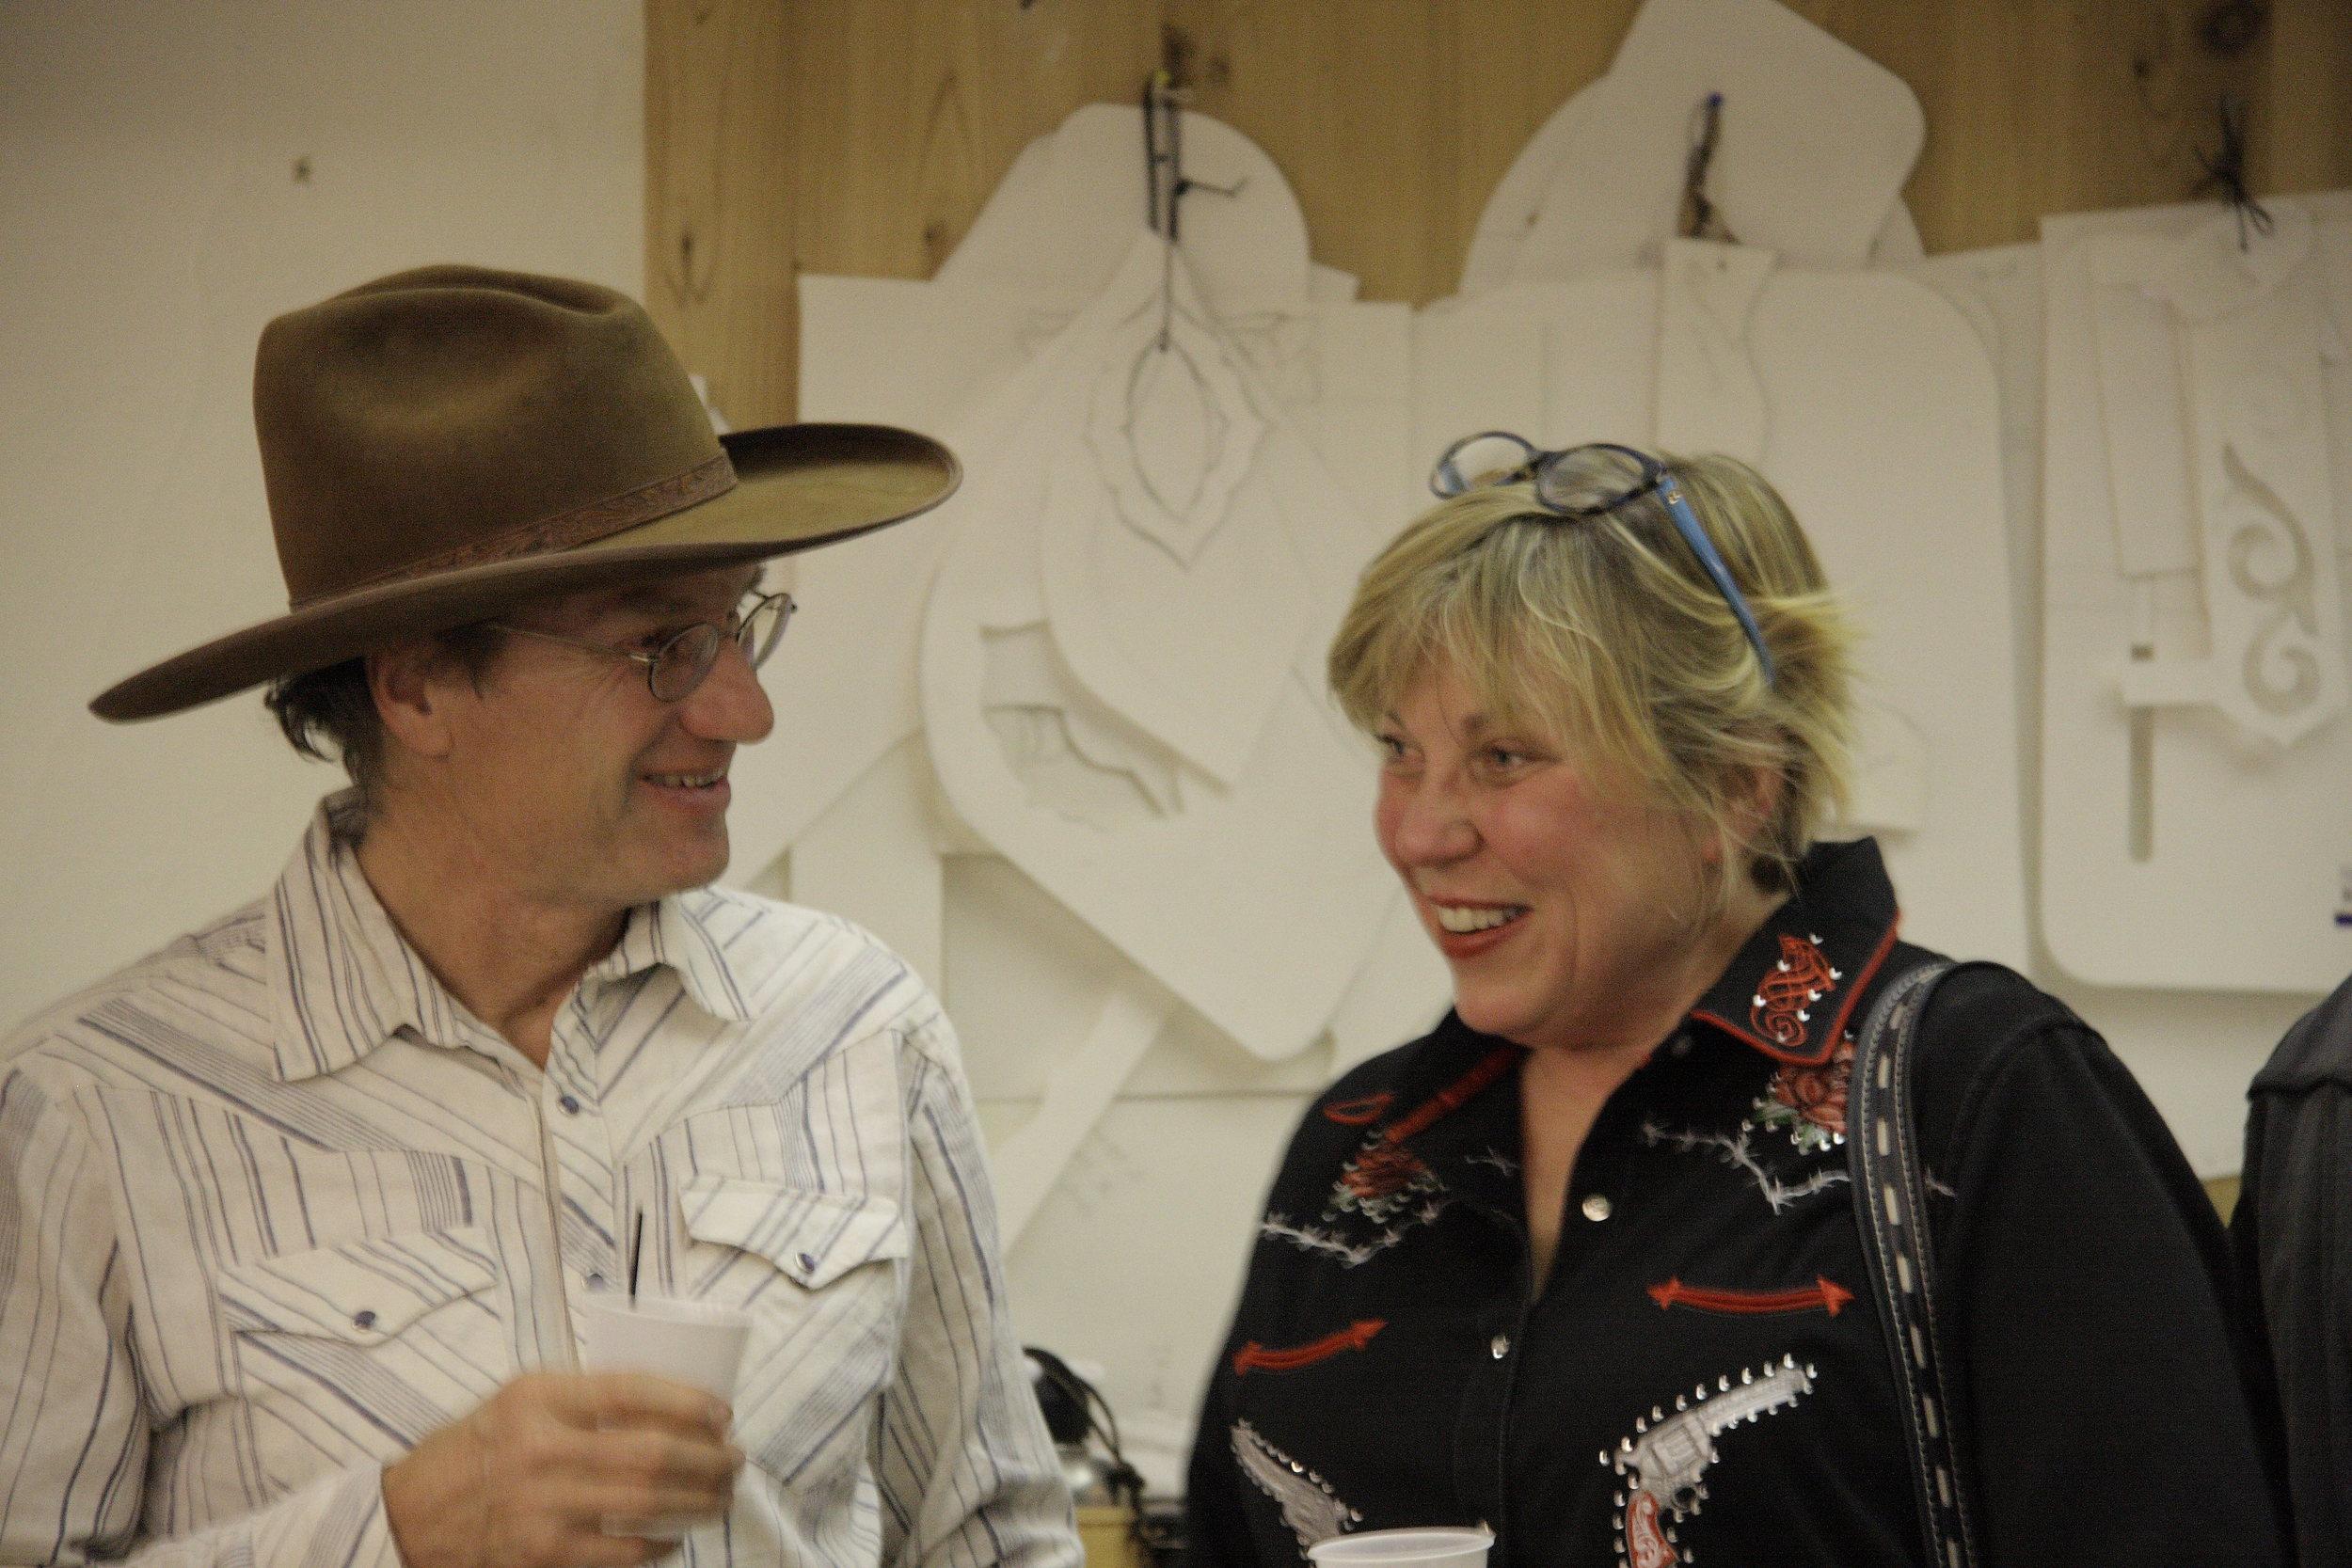 Jeff Morrow & Julie Pierce